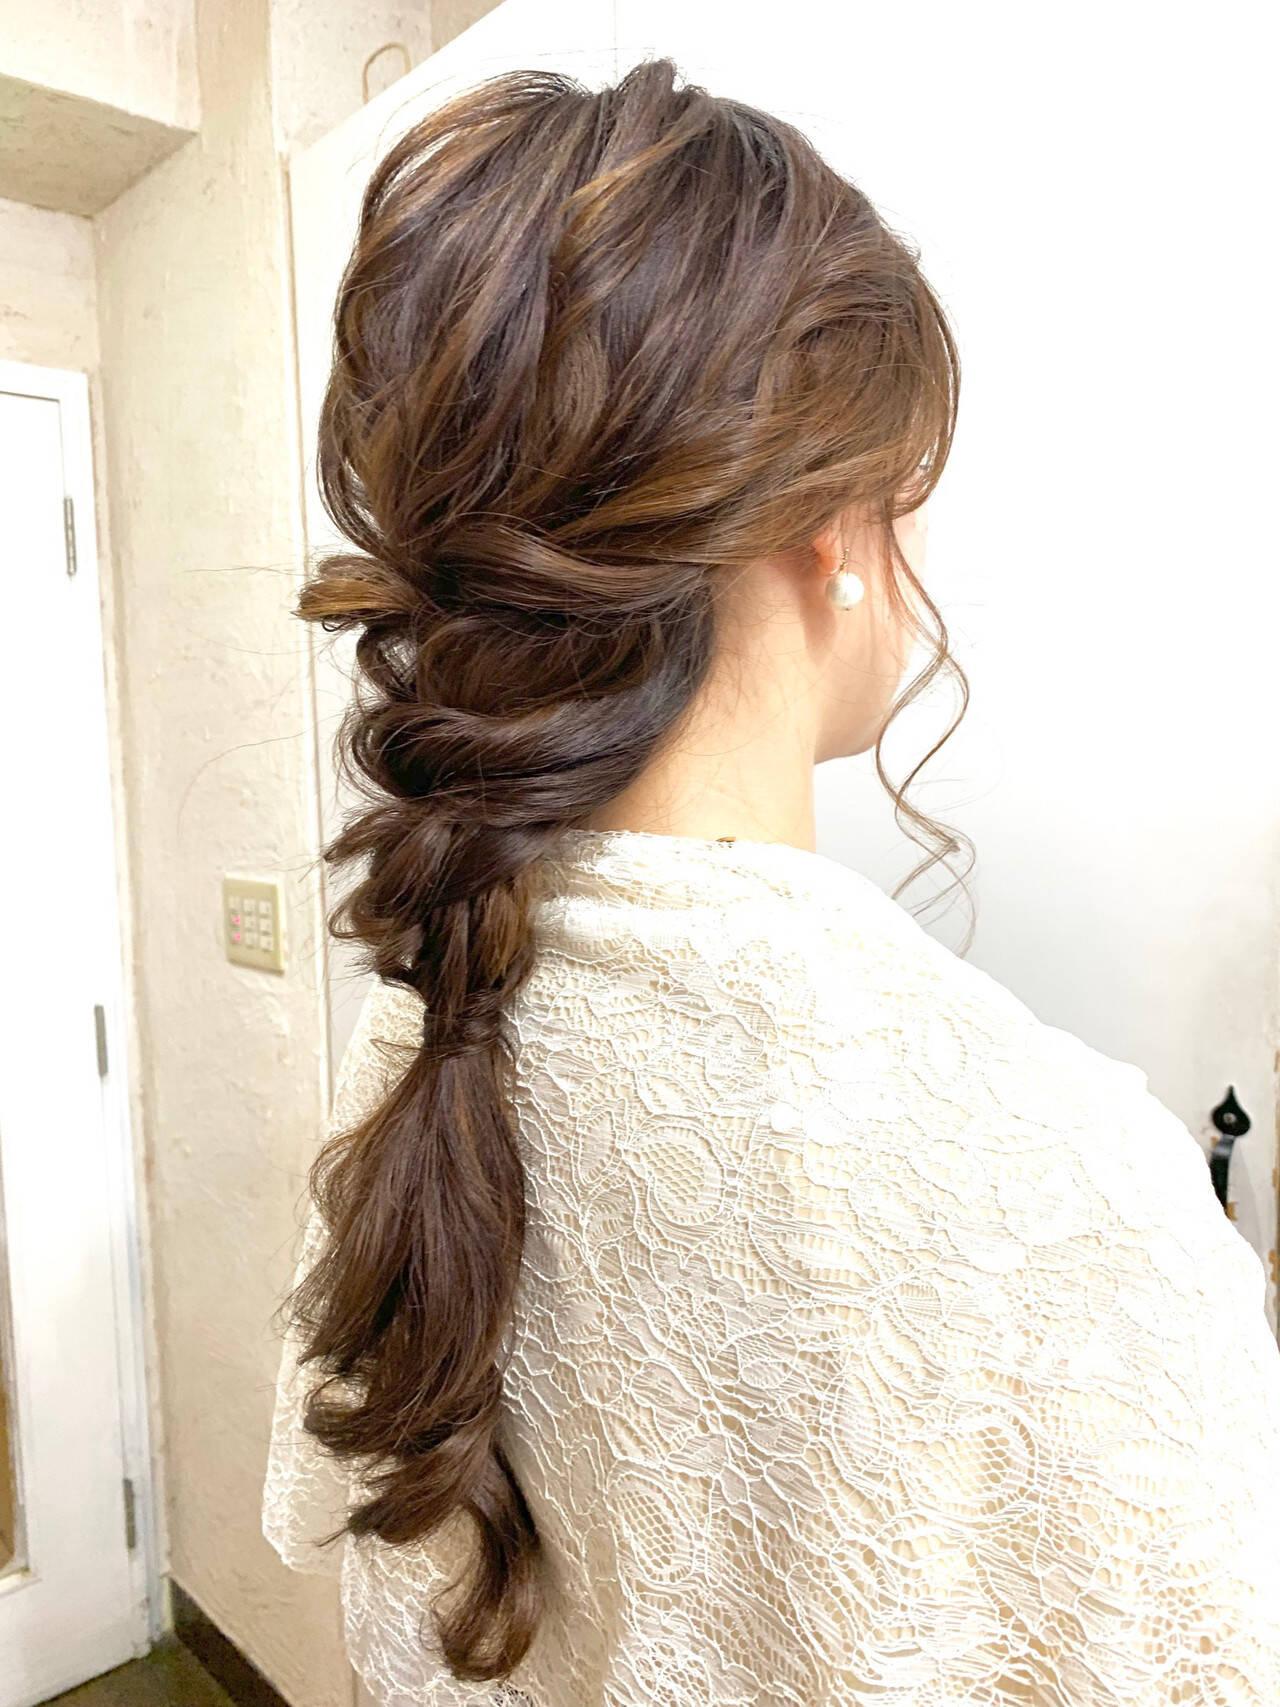 ヘアアレンジ 編みおろしヘア ナチュラル 編みおろしヘアスタイルや髪型の写真・画像